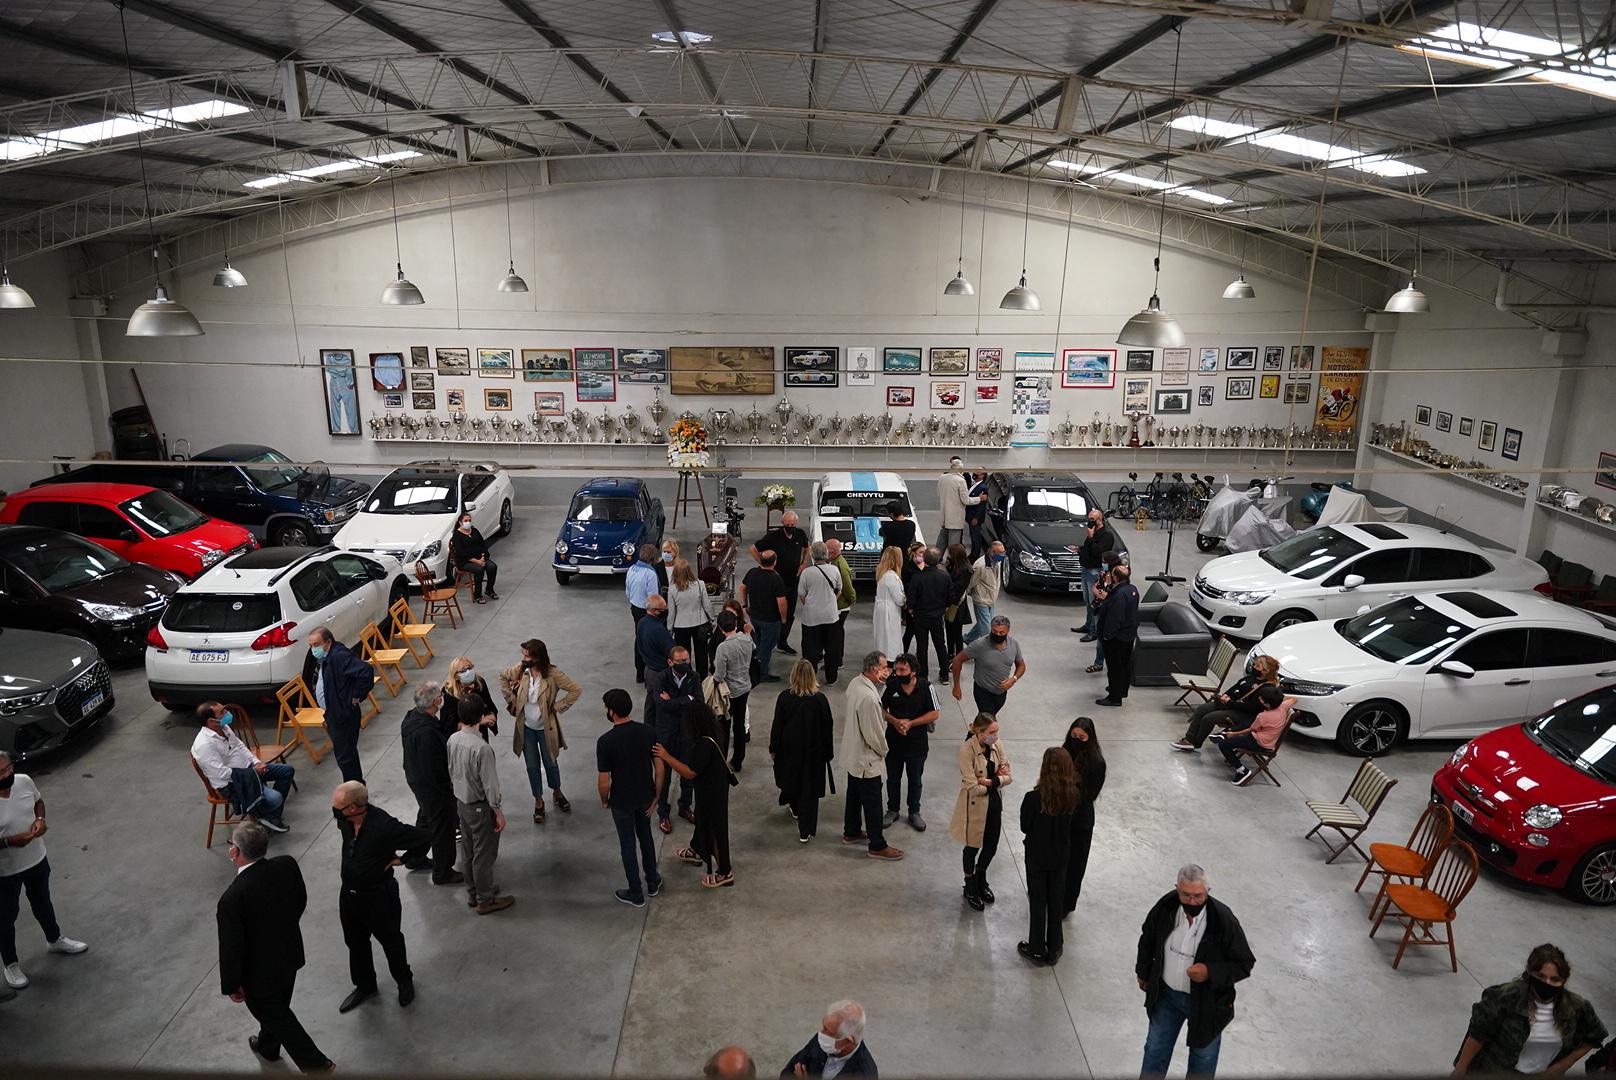 Cupeiro transcendió en el automovilismo donde su padrino deportivo fue otra gloria del automovilismo argentino, José Froilán González. Pepe lo vio y le confió un auto de Mecánica Argentina F1 que era un chasis Maserati 4CLT al que le había colocado un Chevrolet 6.